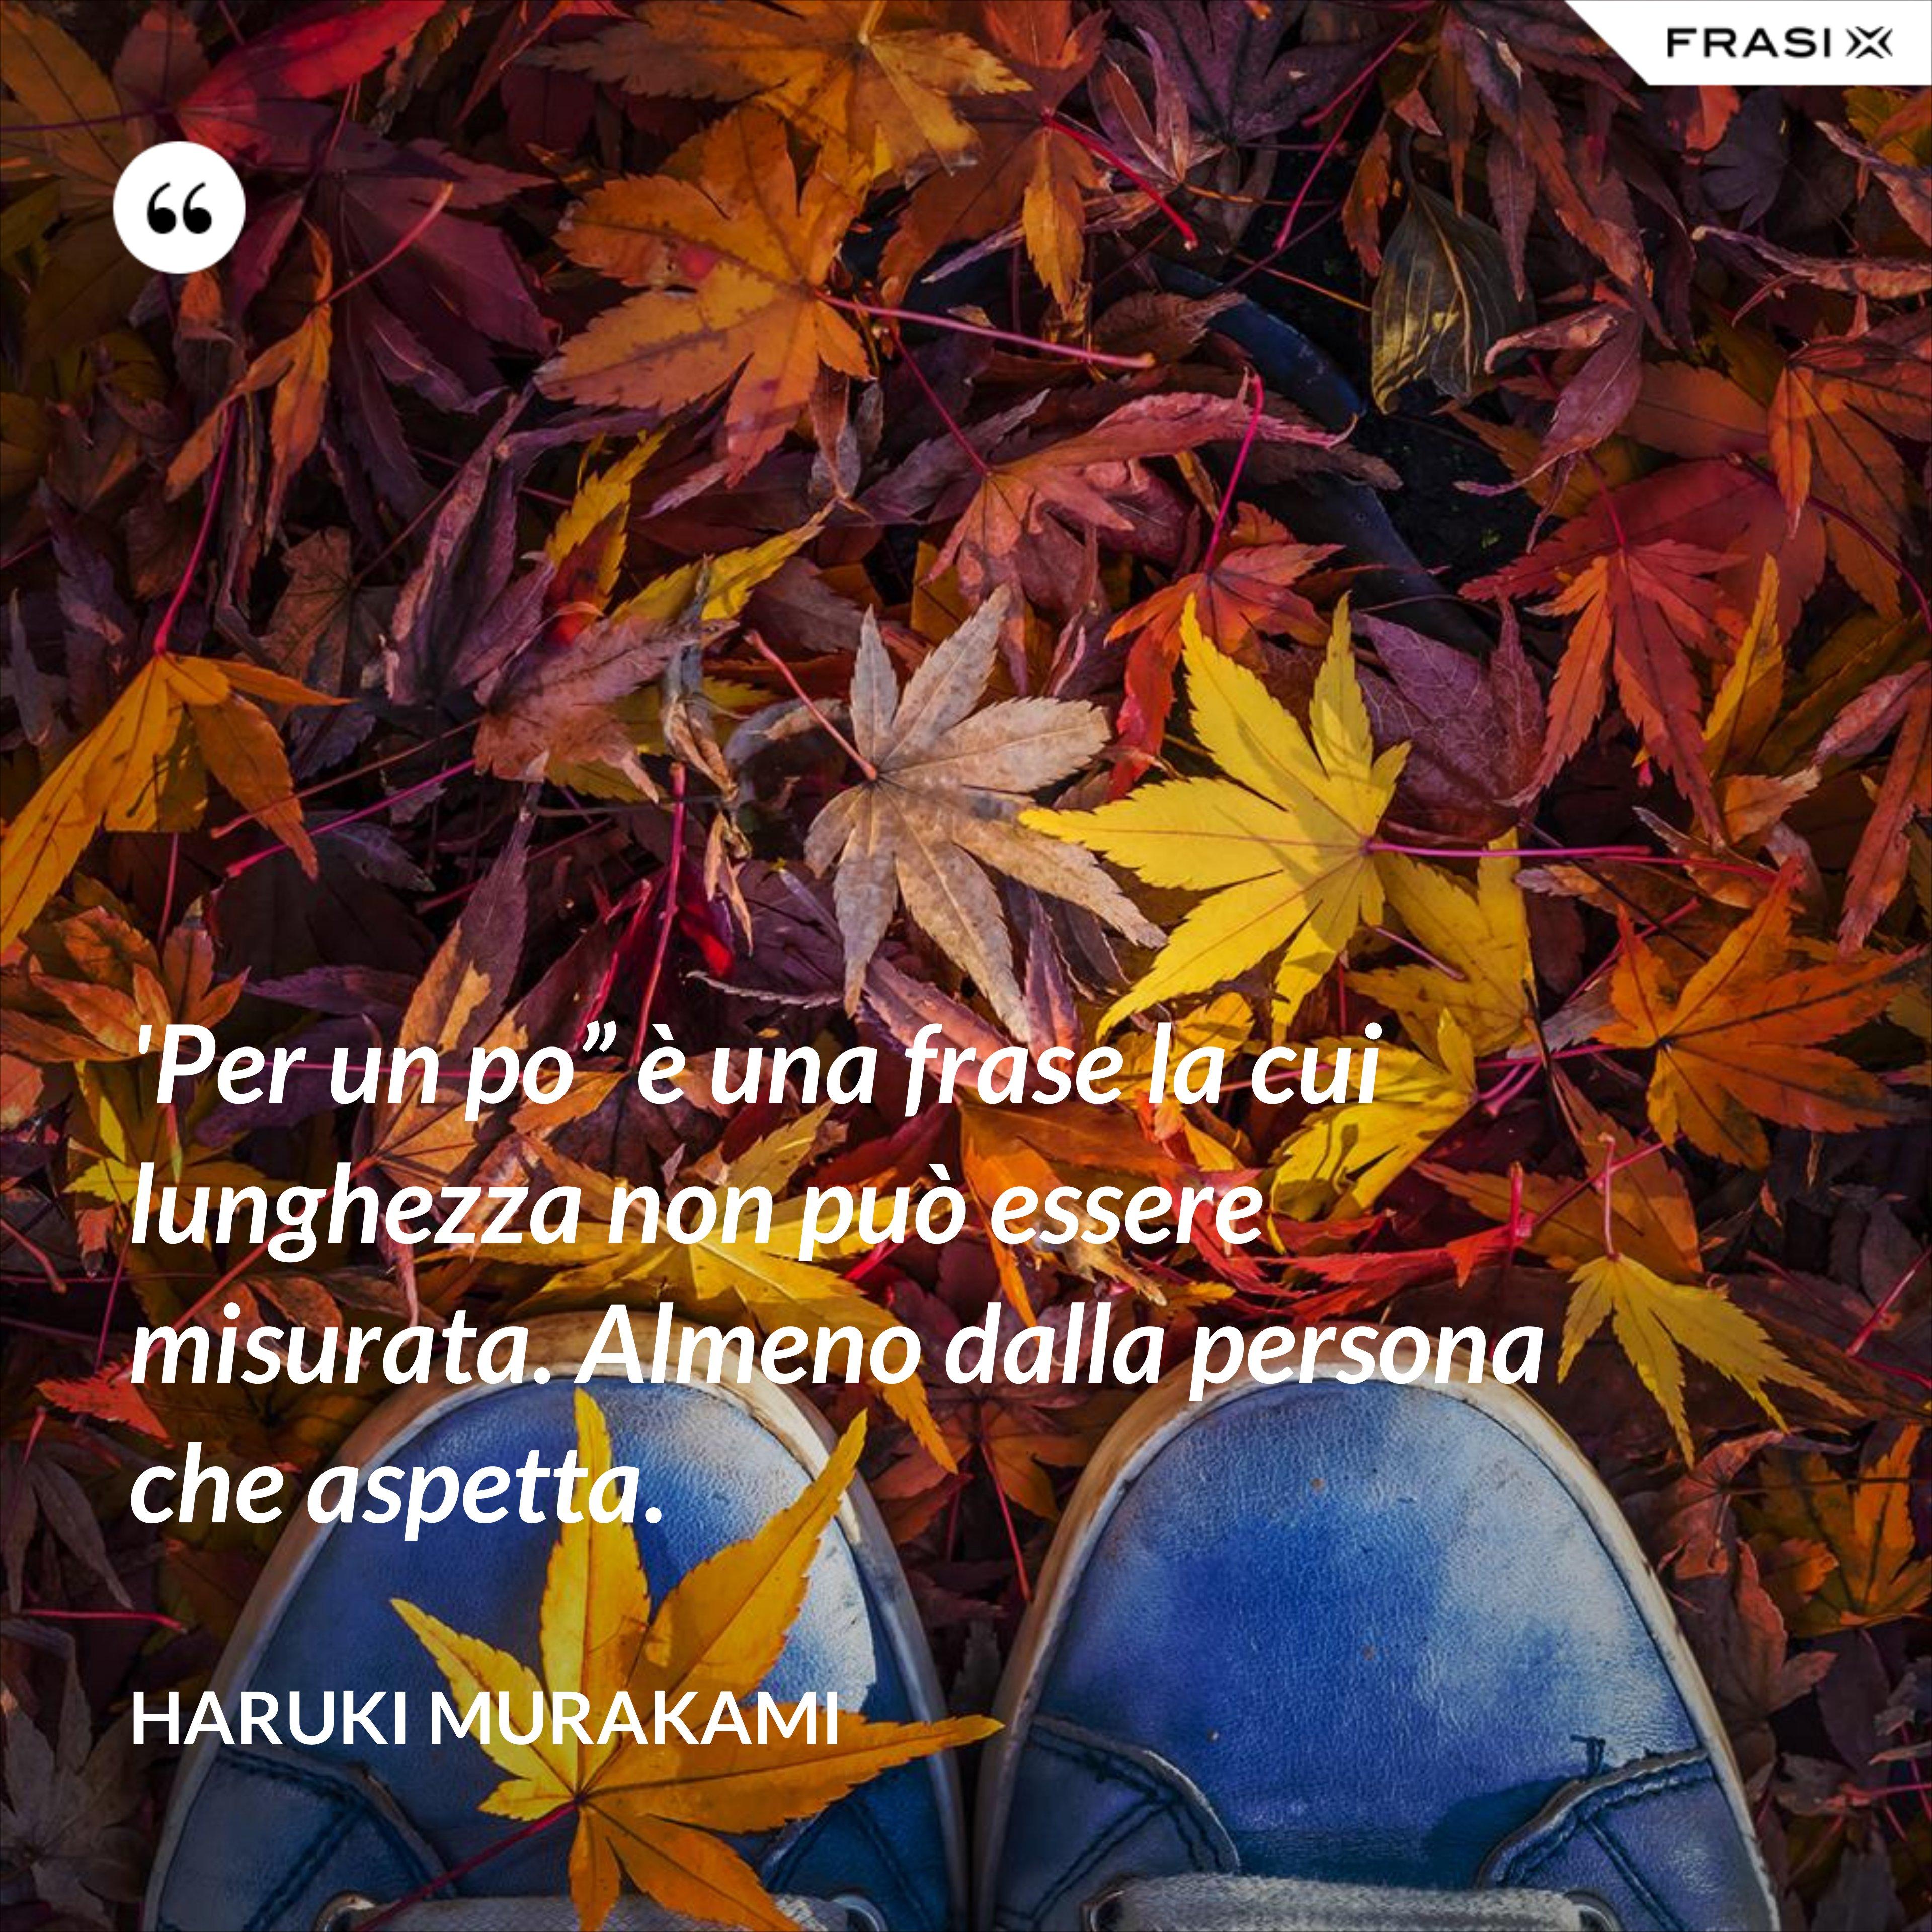 """'Per un po"""" è una frase la cui lunghezza non può essere misurata. Almeno dalla persona che aspetta. - Haruki Murakami"""